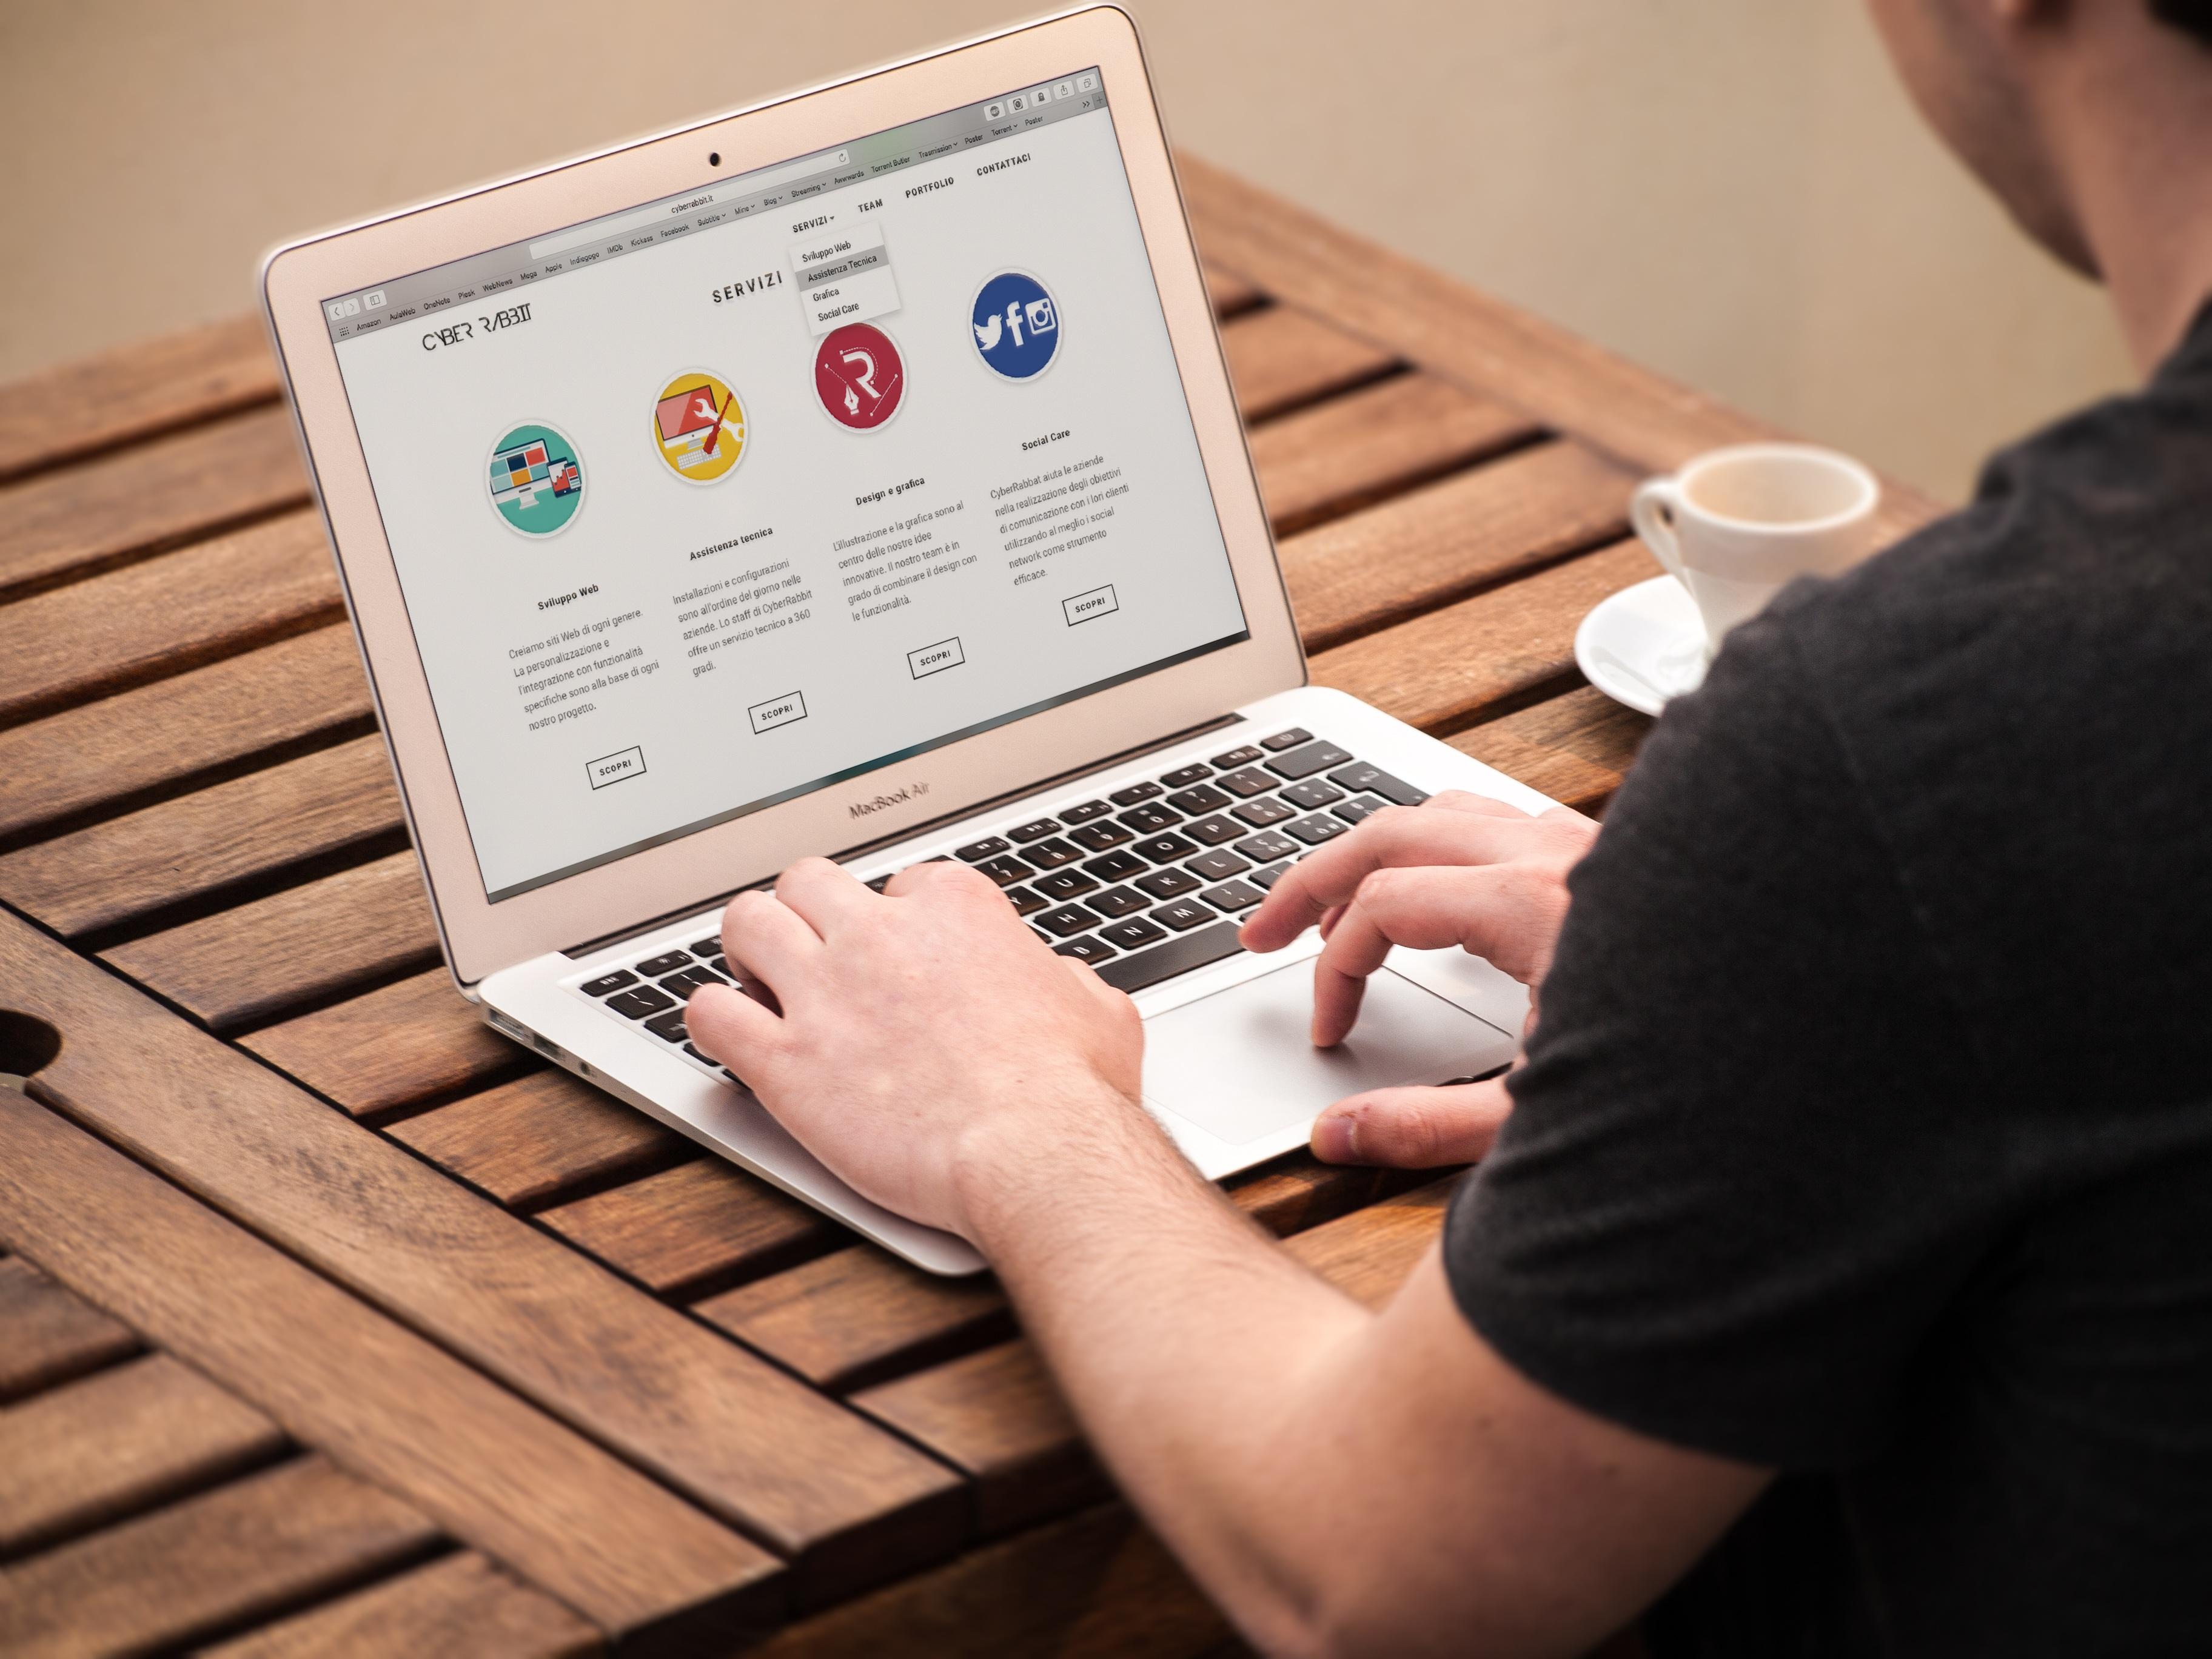 Nên chuẩn bị nội dung website như thế nào?